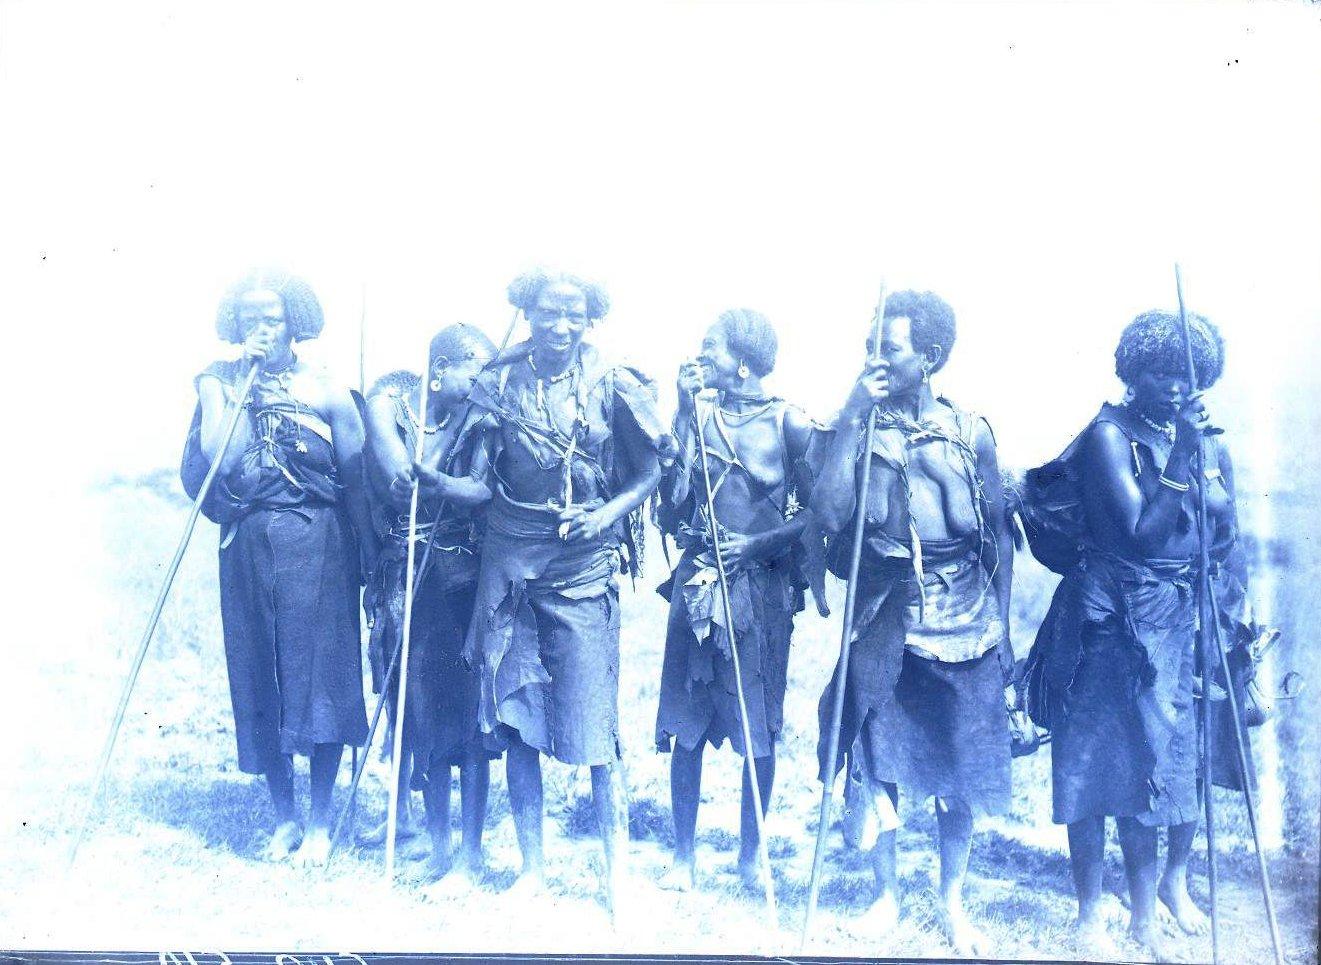 542. Группа женщин. Камбата